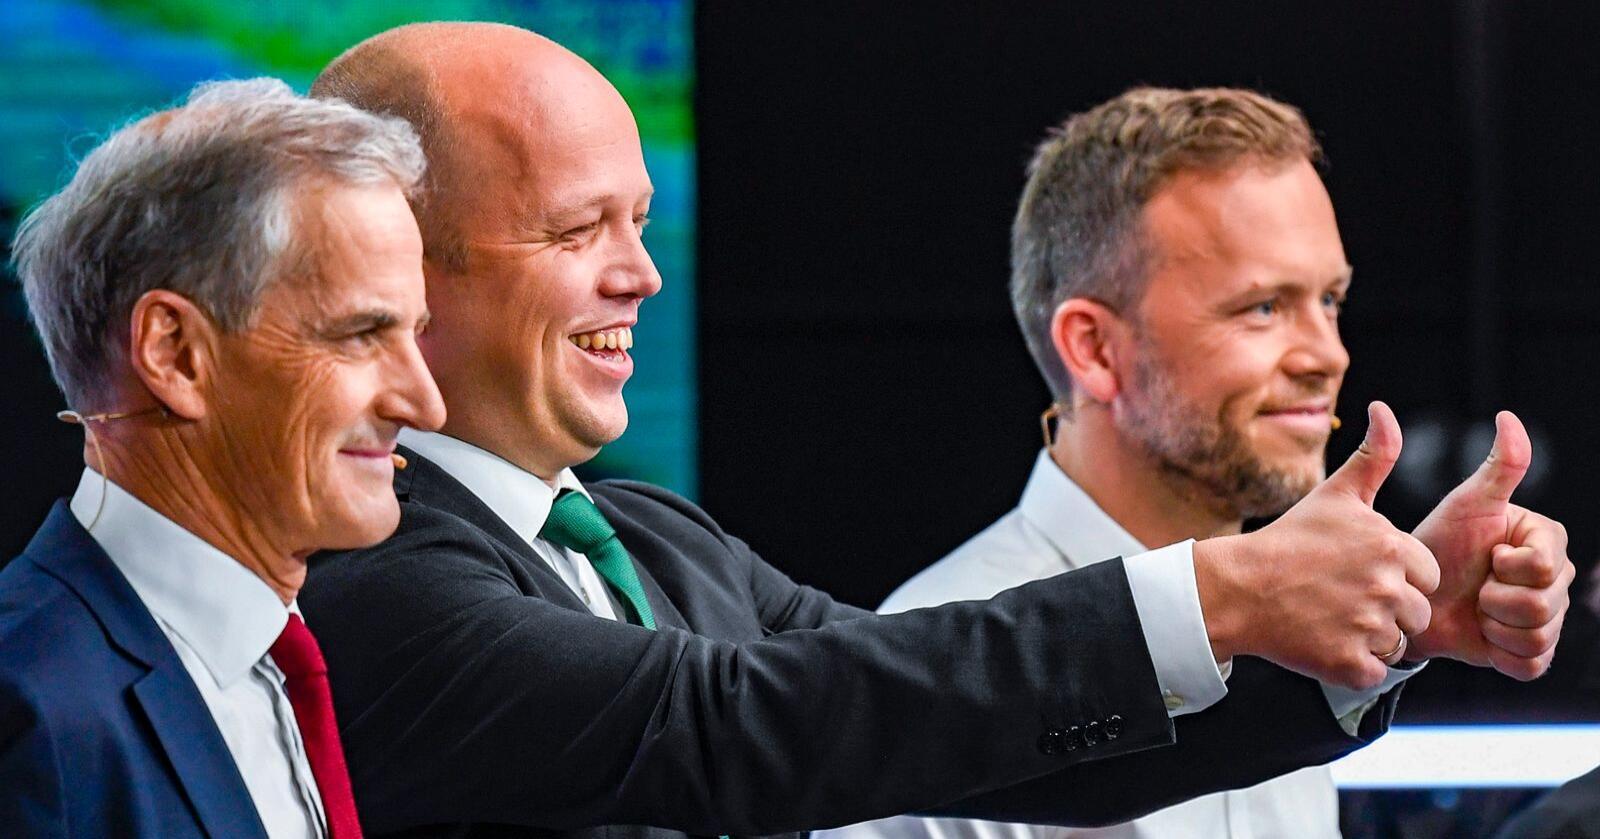 Partilederne JonasGahr Støre (Ap), Trygve Slagsvold Vedum (Sp) og Audun Lysbakken (SV) under en partilederdebatt hos TV 2. Foto: Marit Hommedal / NTB scanpix